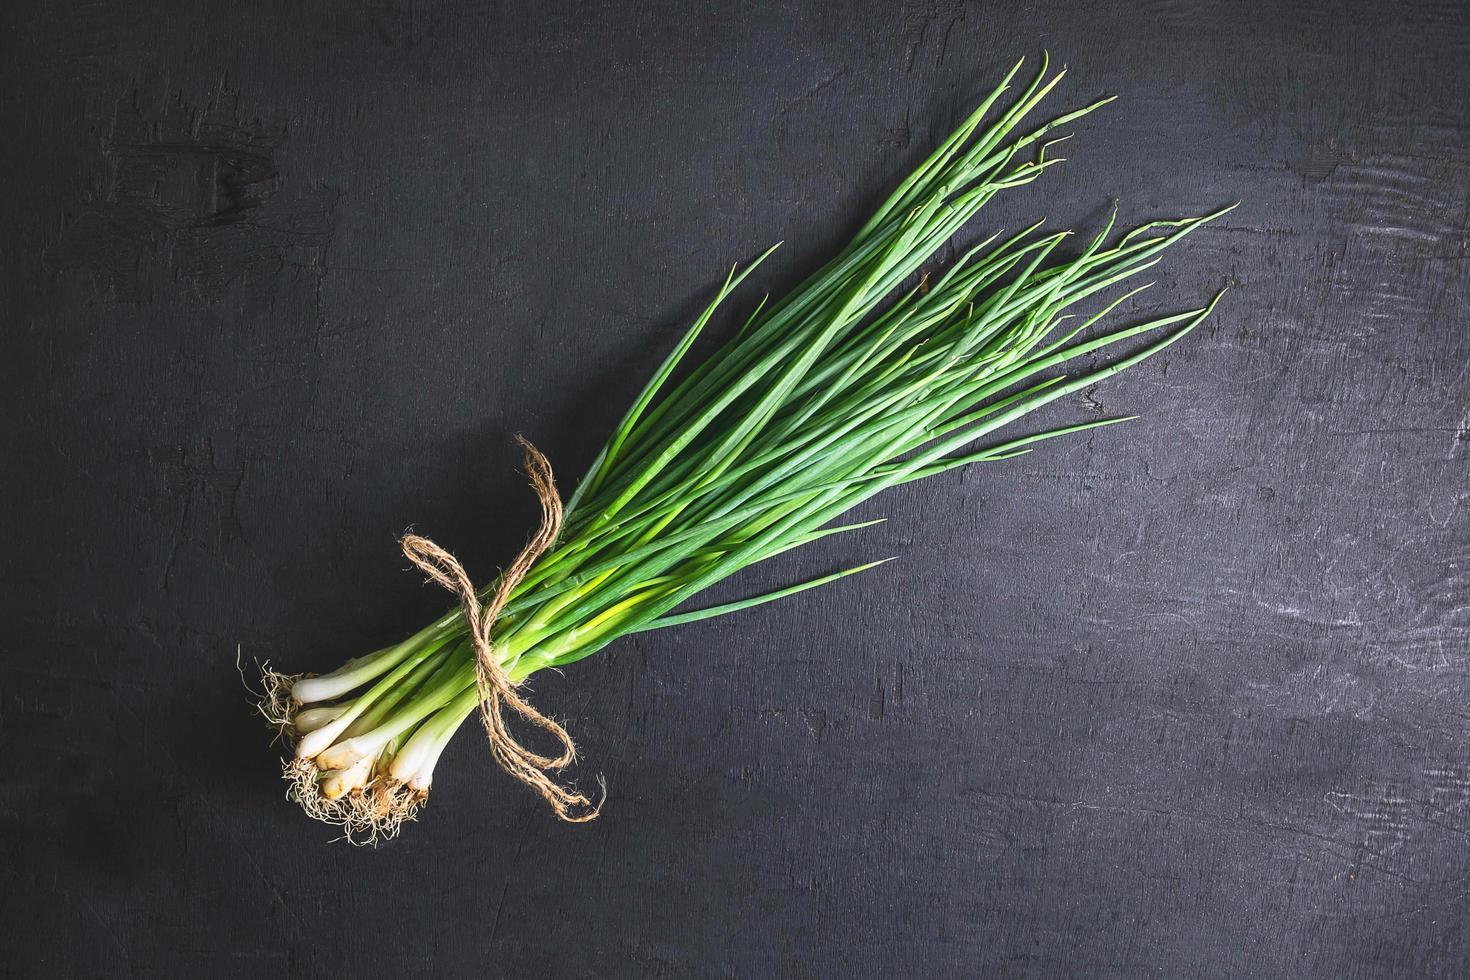 bouquet d'oignon vert photo